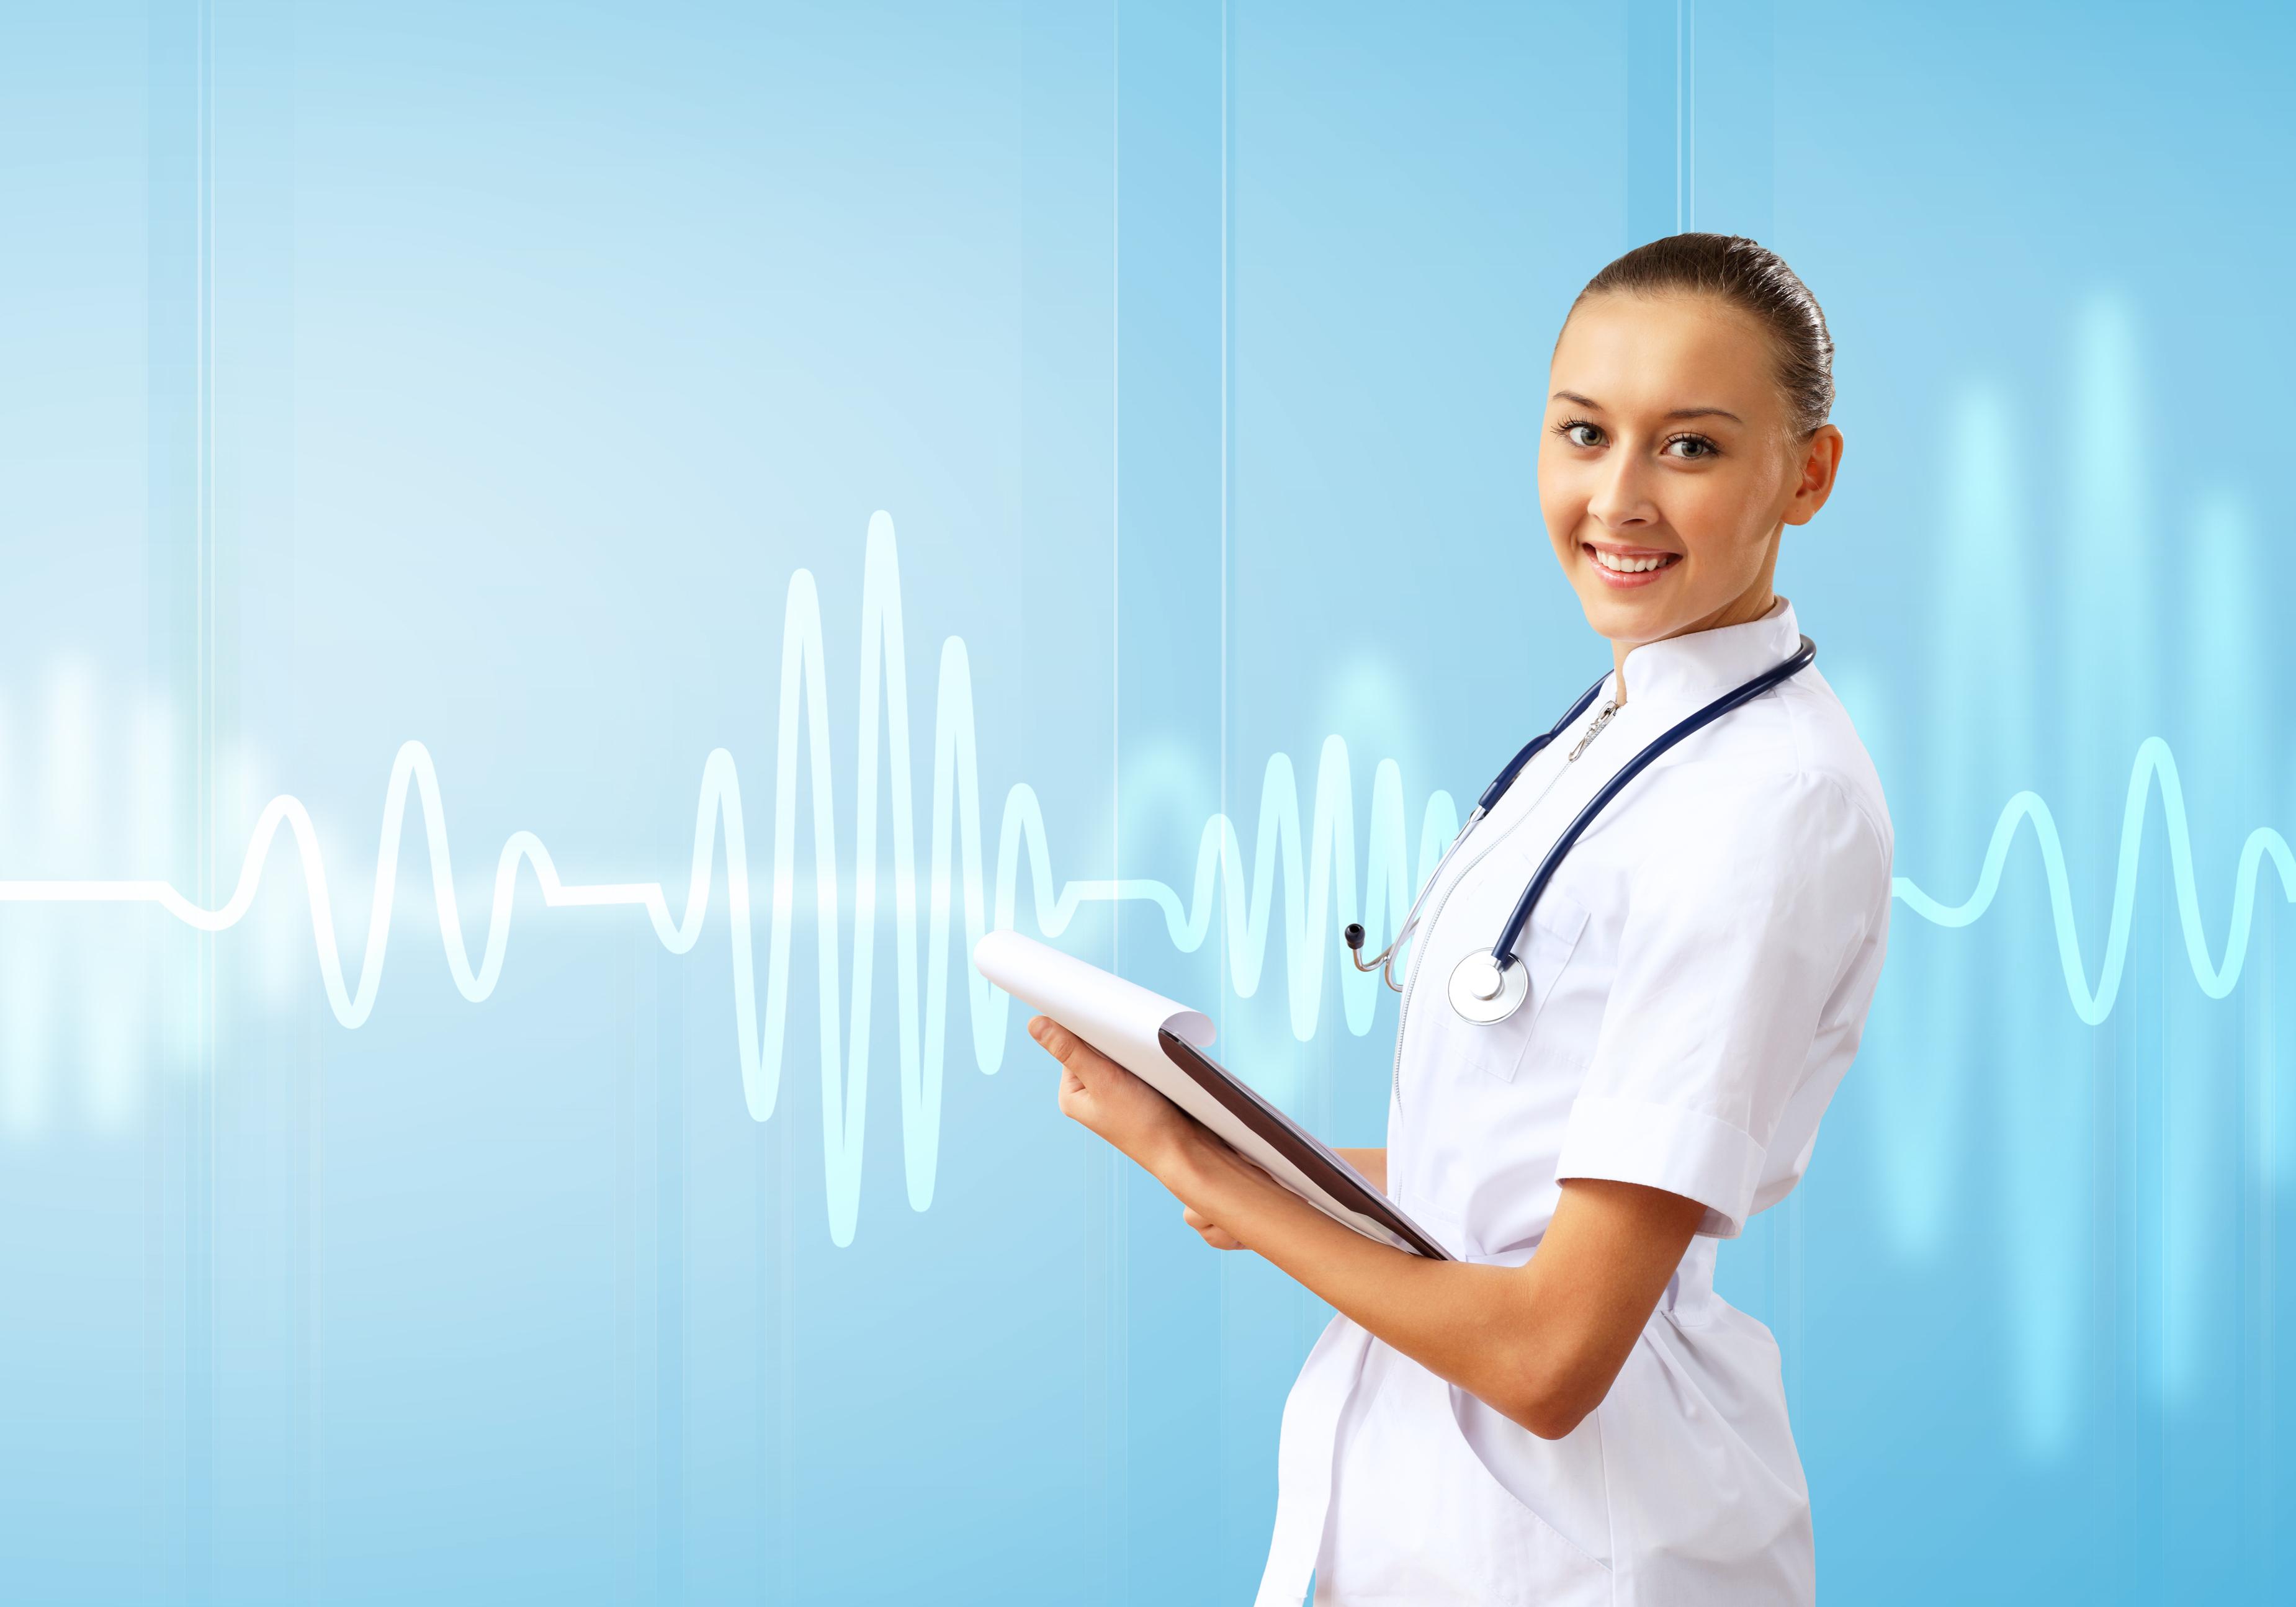 Картинки на тему врачей